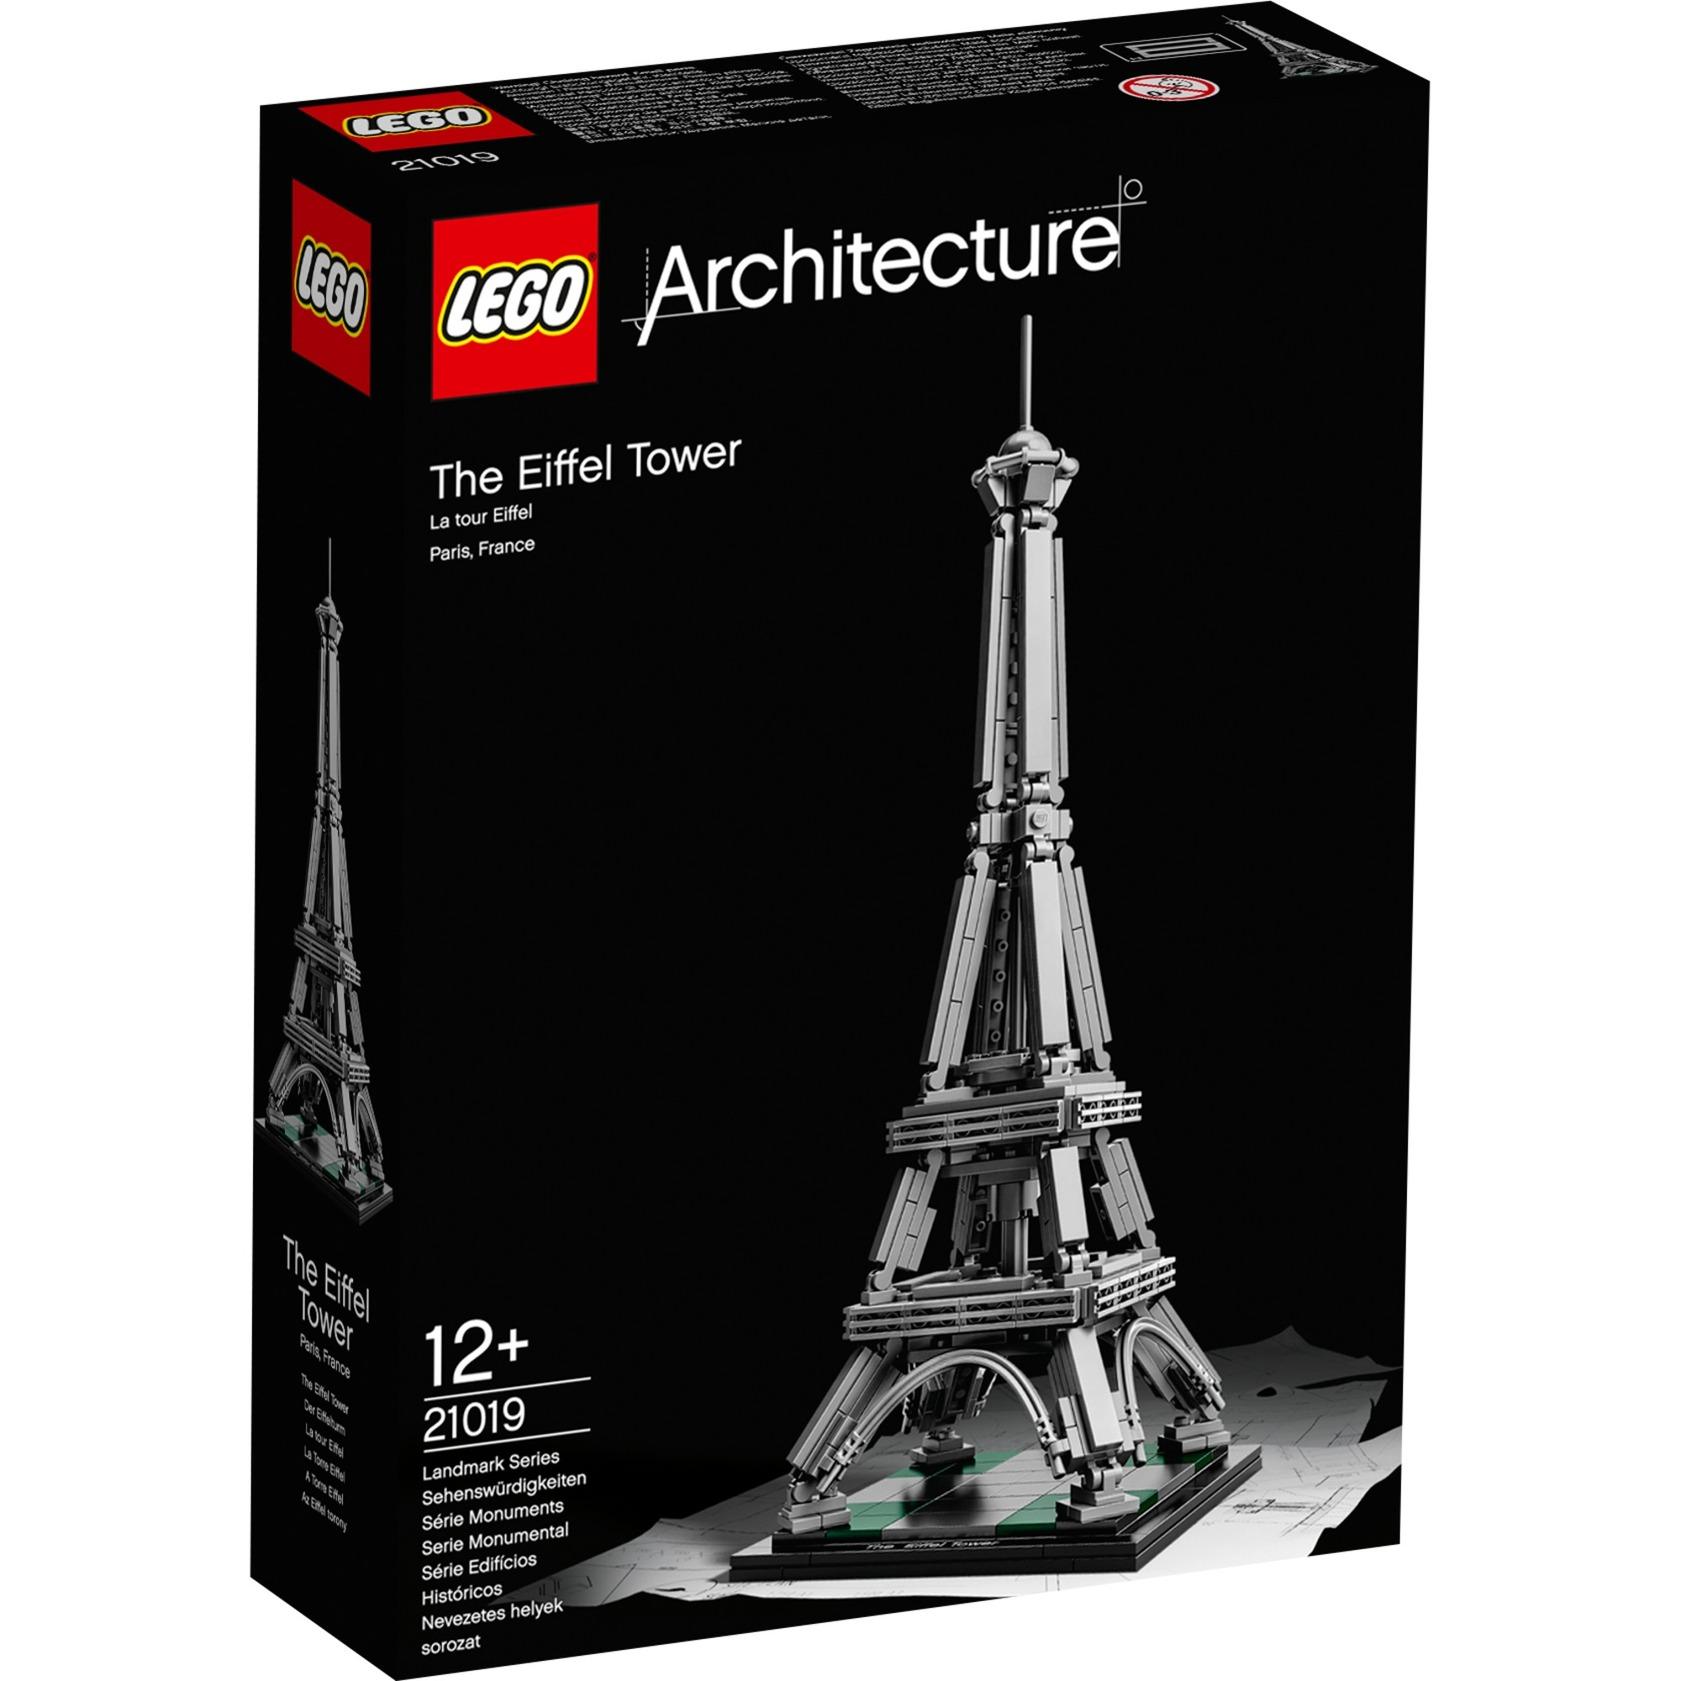 Architecture 21019 Torre Eiffel